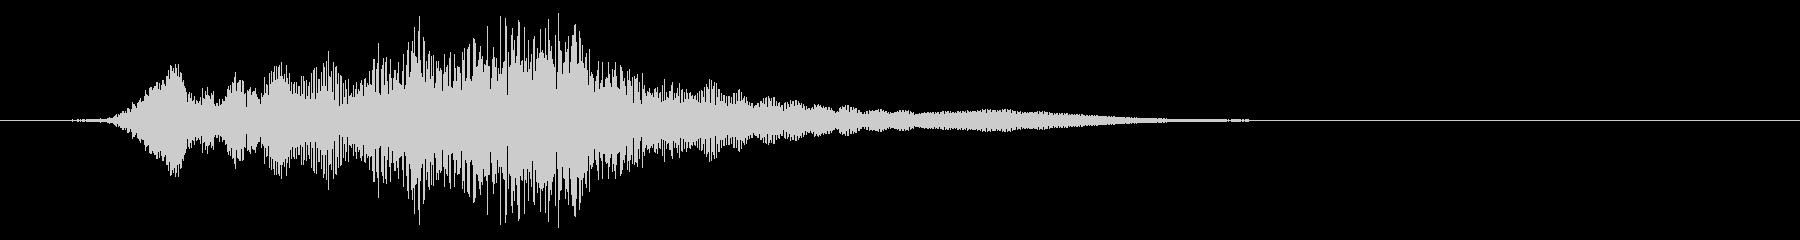 巨大な深いエイリアンボーカルパスバイの未再生の波形